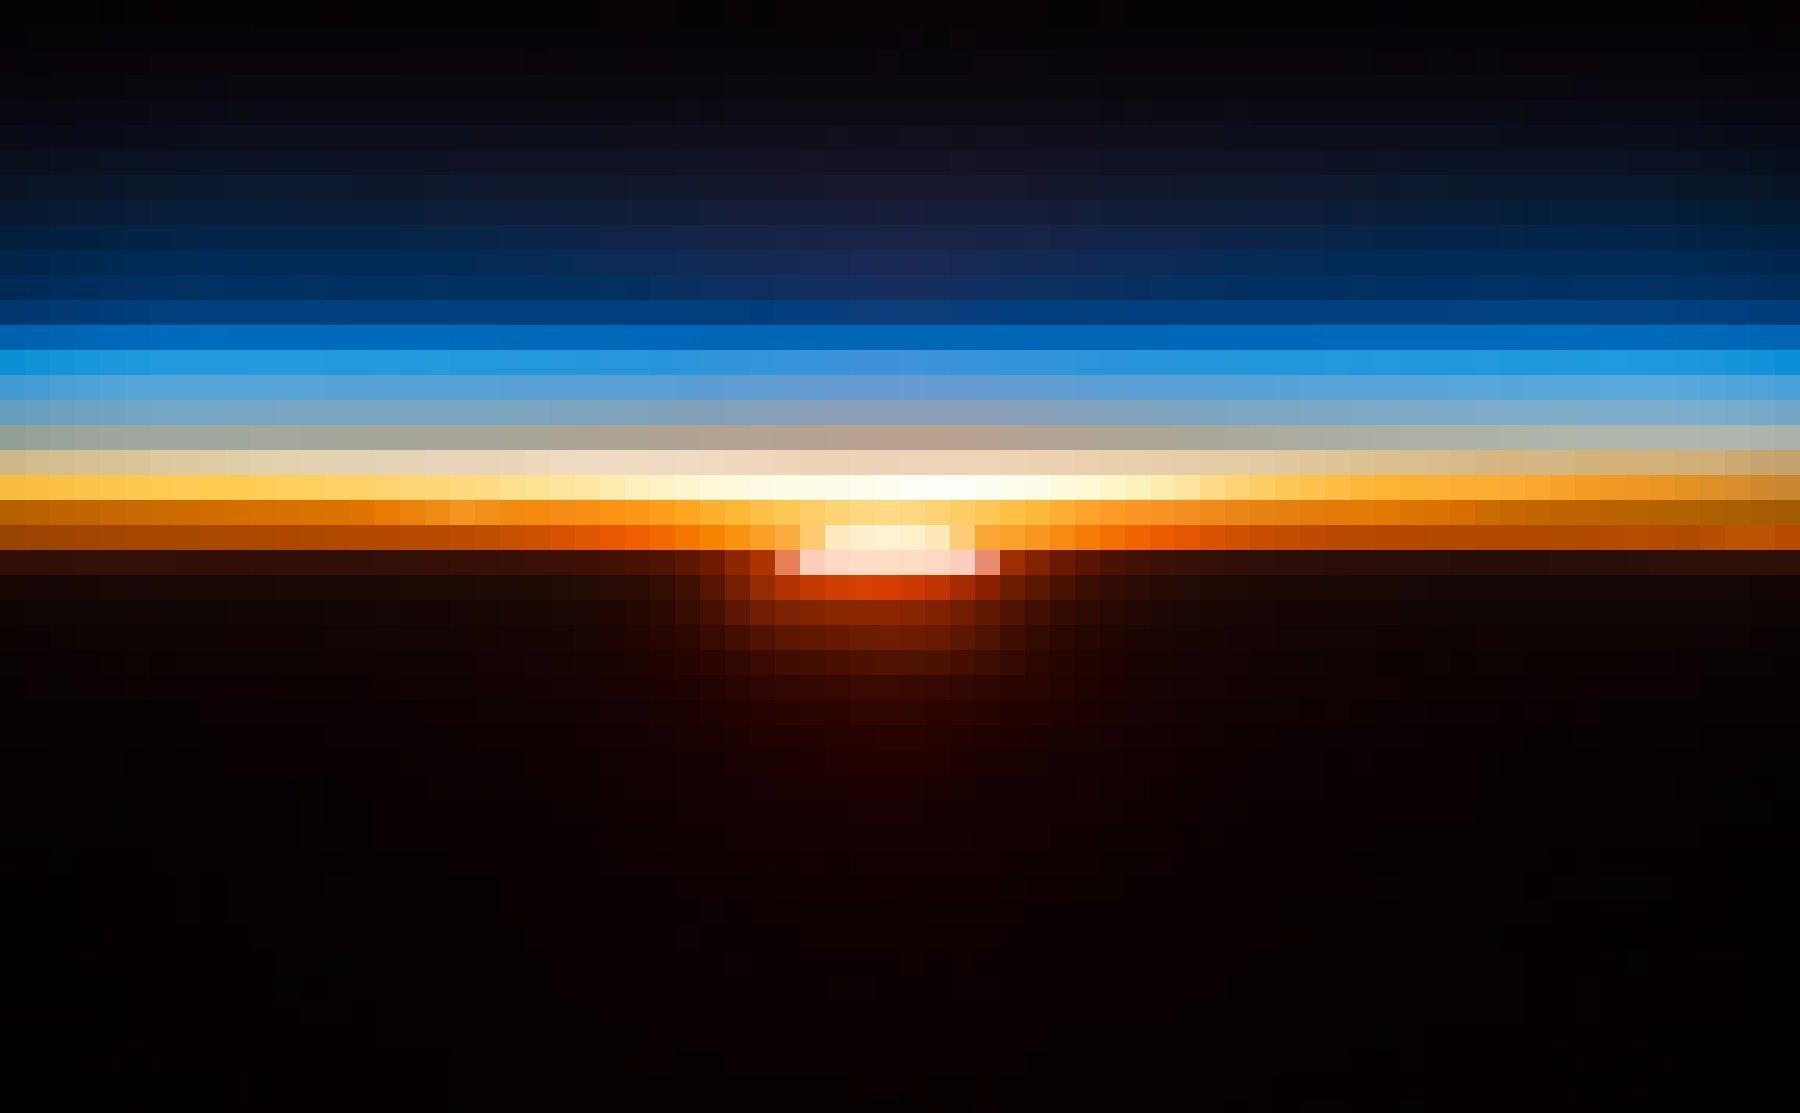 Ein Sonnenaufgang, vom Erdorbit aus vom deutschen Raumfahrer Alexander Gerst fotografiert. Über der aufgehenden Sonne die dünne, orange-blaue Erdatmosphäre, darüber die Schwärze des Weltalls.